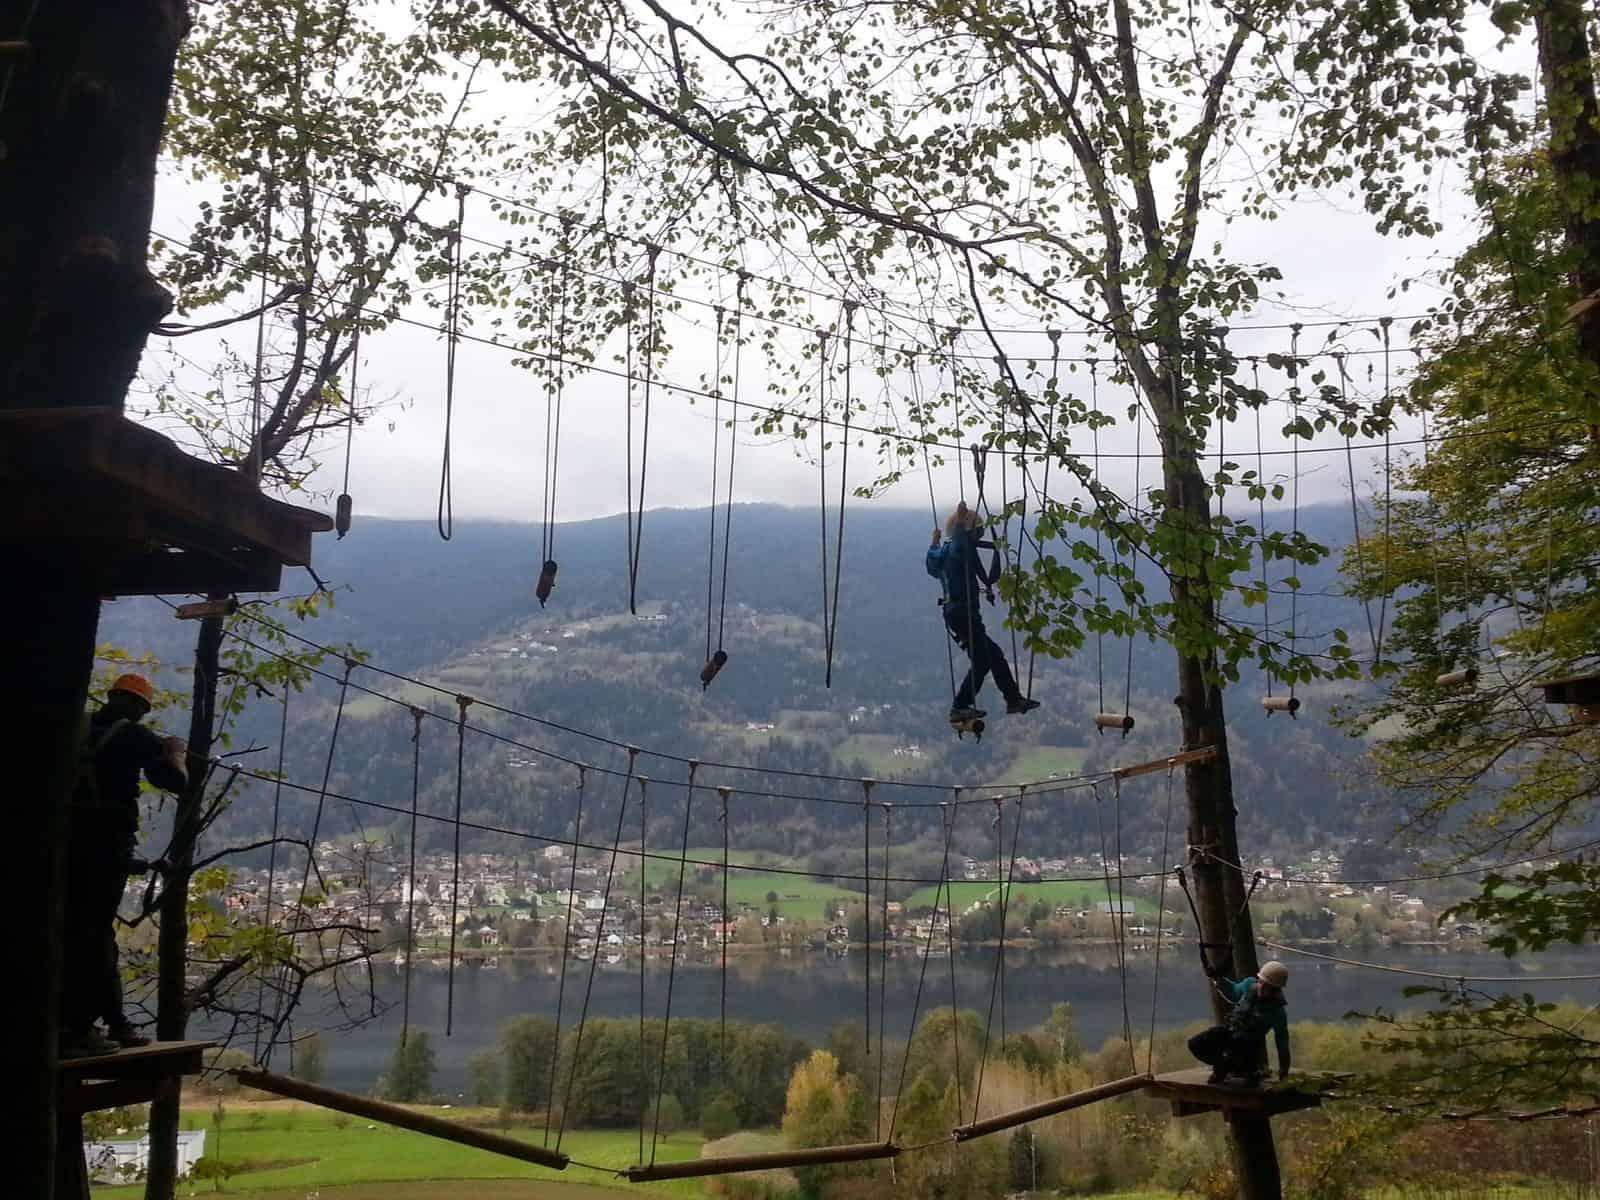 Mit Kindern im Family- & Kletterwald am Ossiacher See (Urlaubsregion Villach) in Kärnten